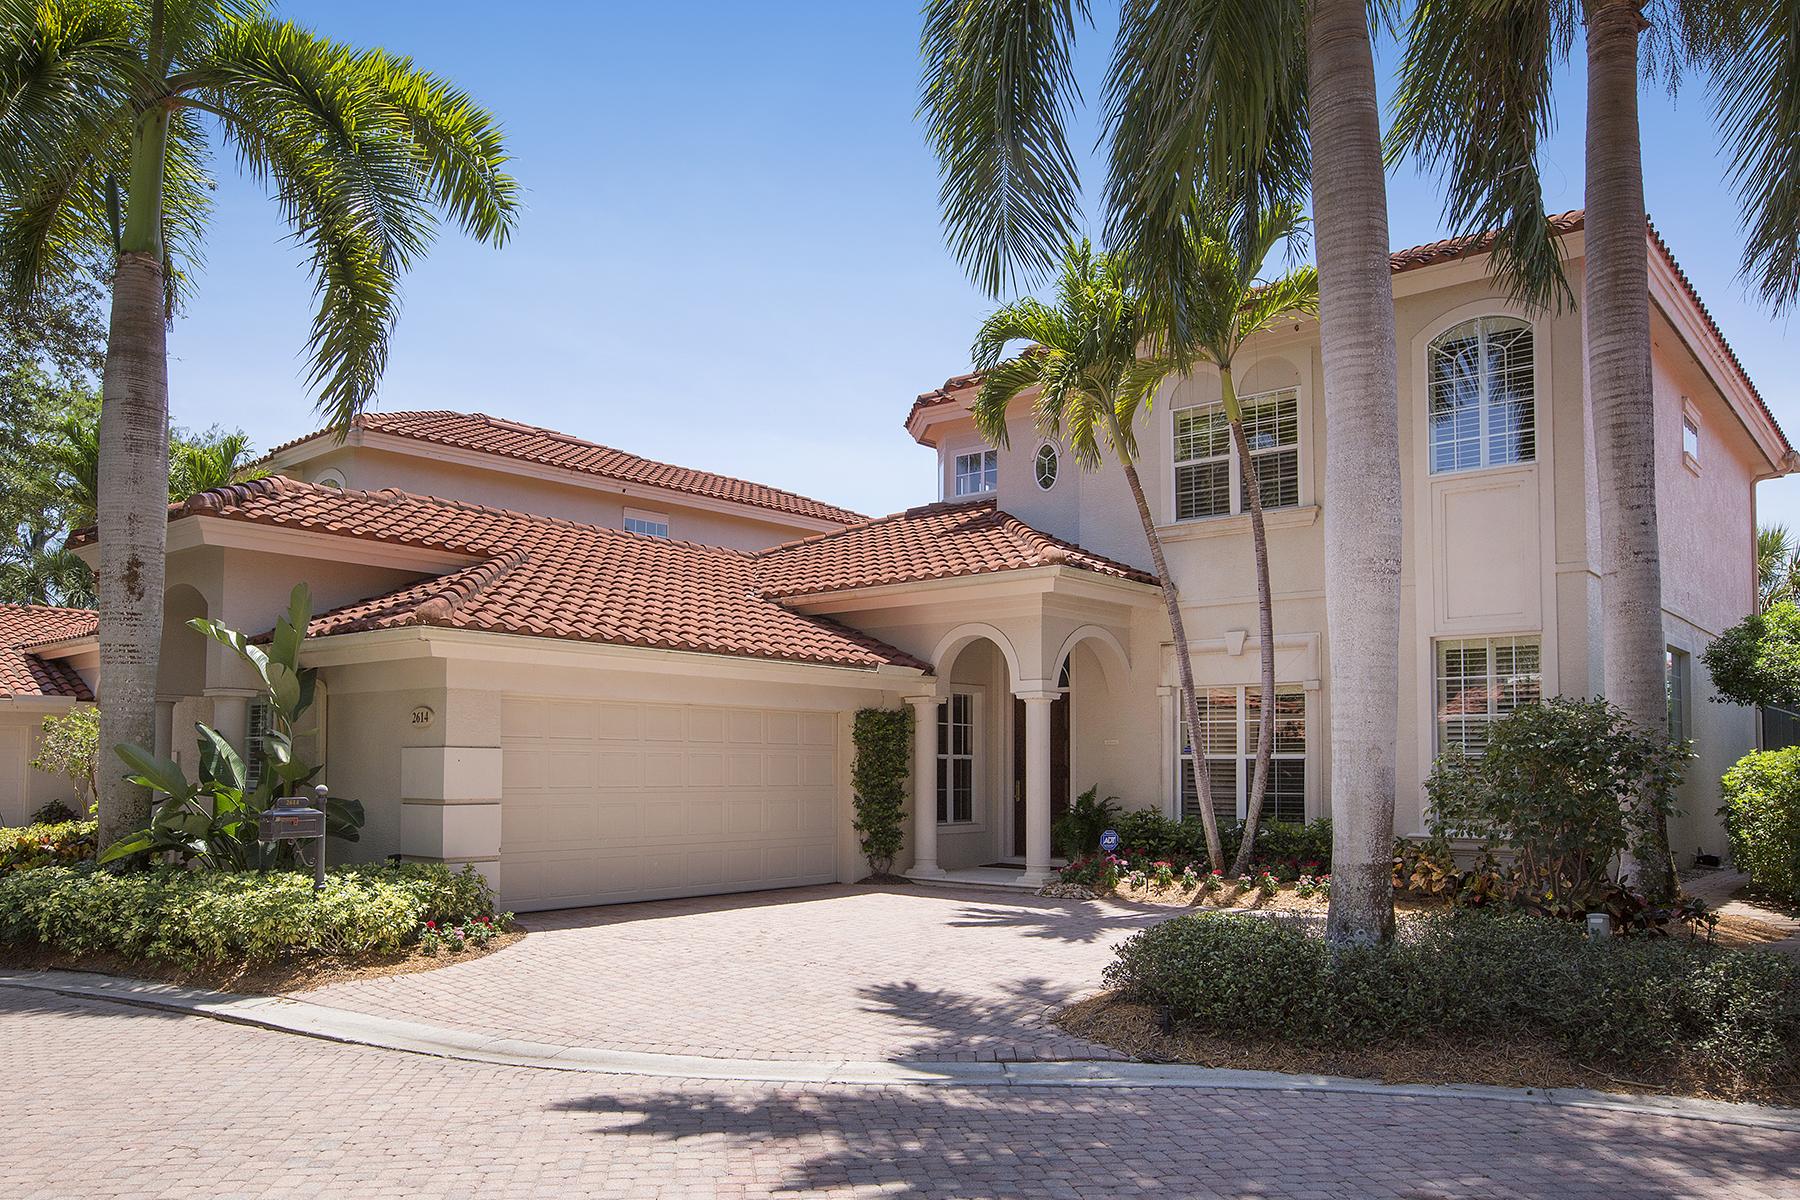 Maison unifamiliale pour l Vente à 2614 Lermitage Ln , Naples, FL 34105 2614 Lermitage Ln Naples, Florida, 34105 États-Unis